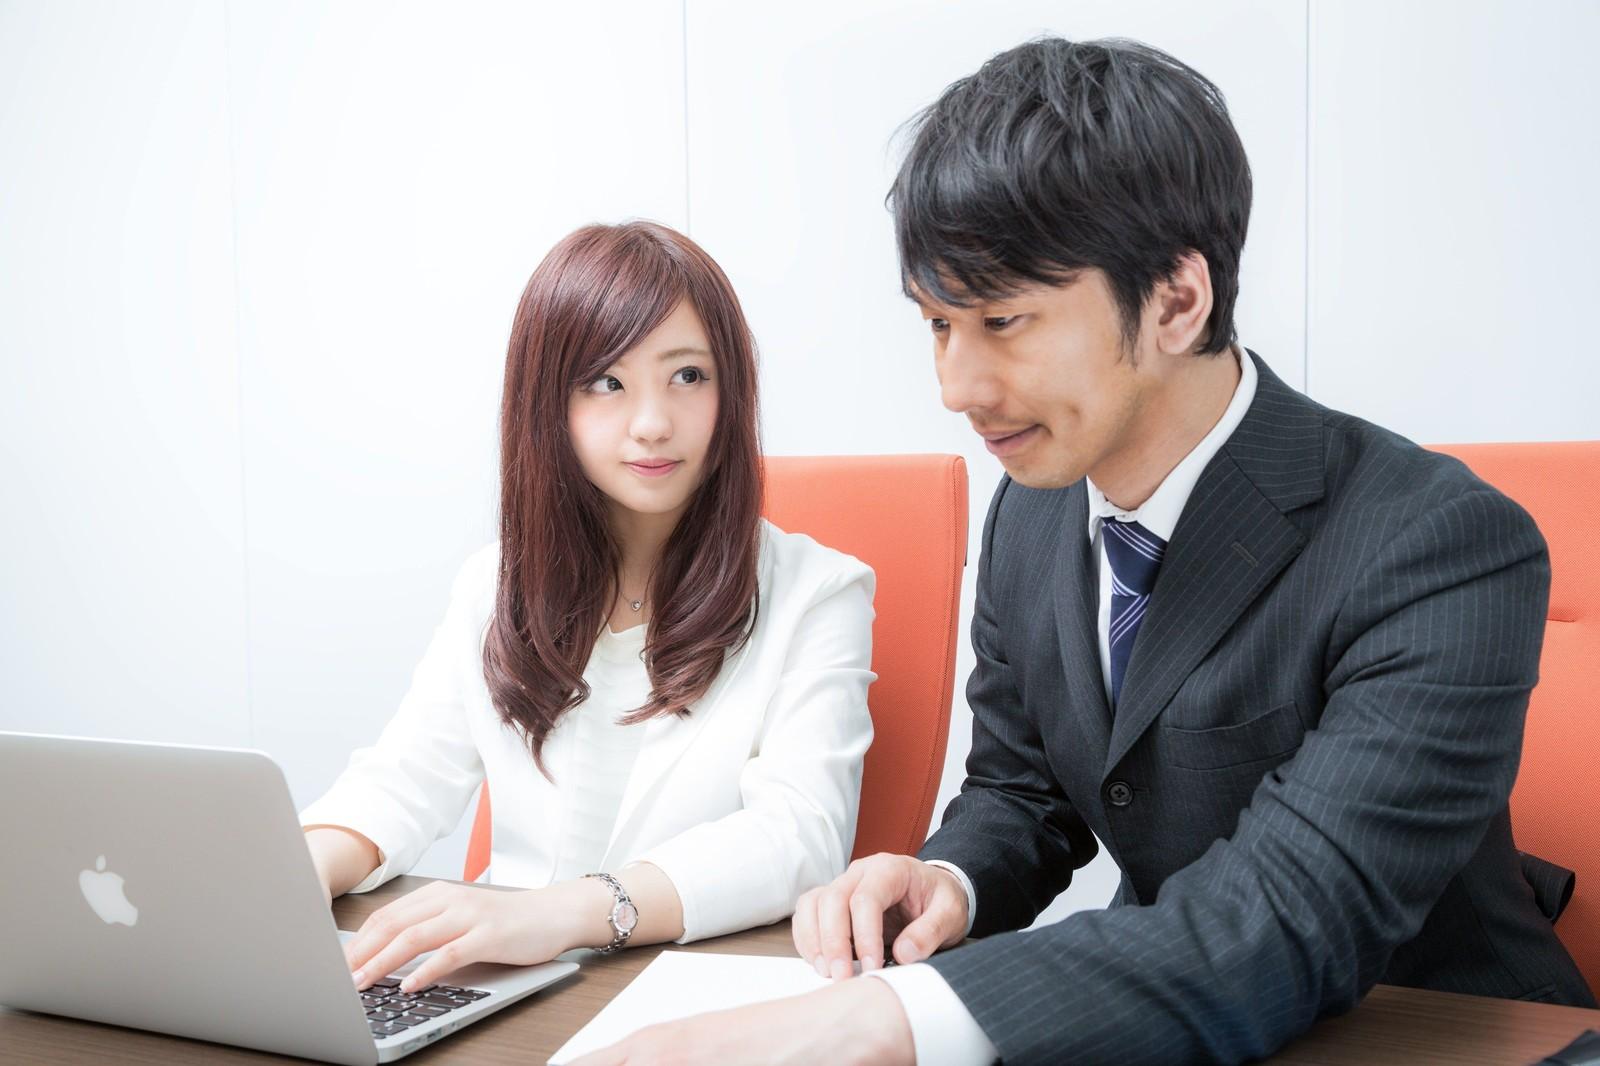 【インターン生日記】多趣味なインターン生が書くブログのサムネイル